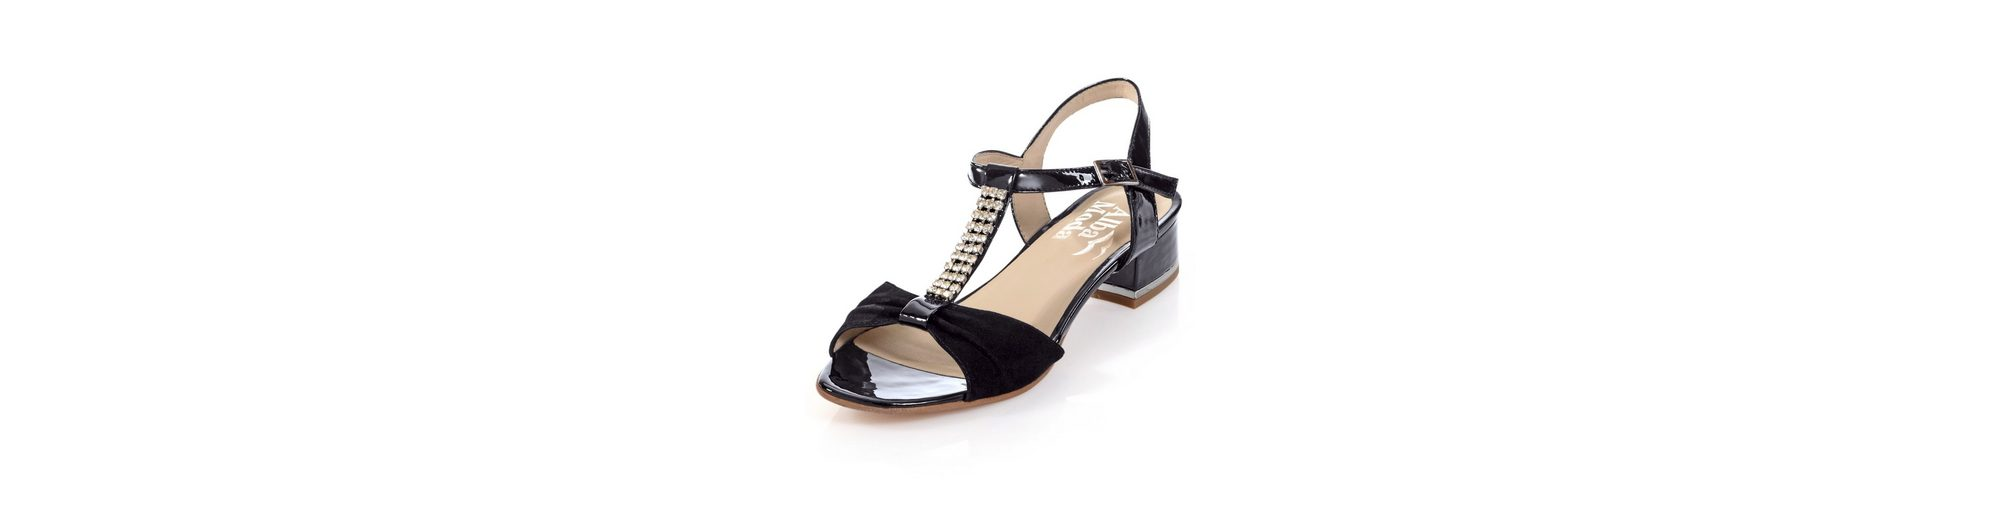 Alba Moda Sandalette aus edlem Velours- und Lackleder